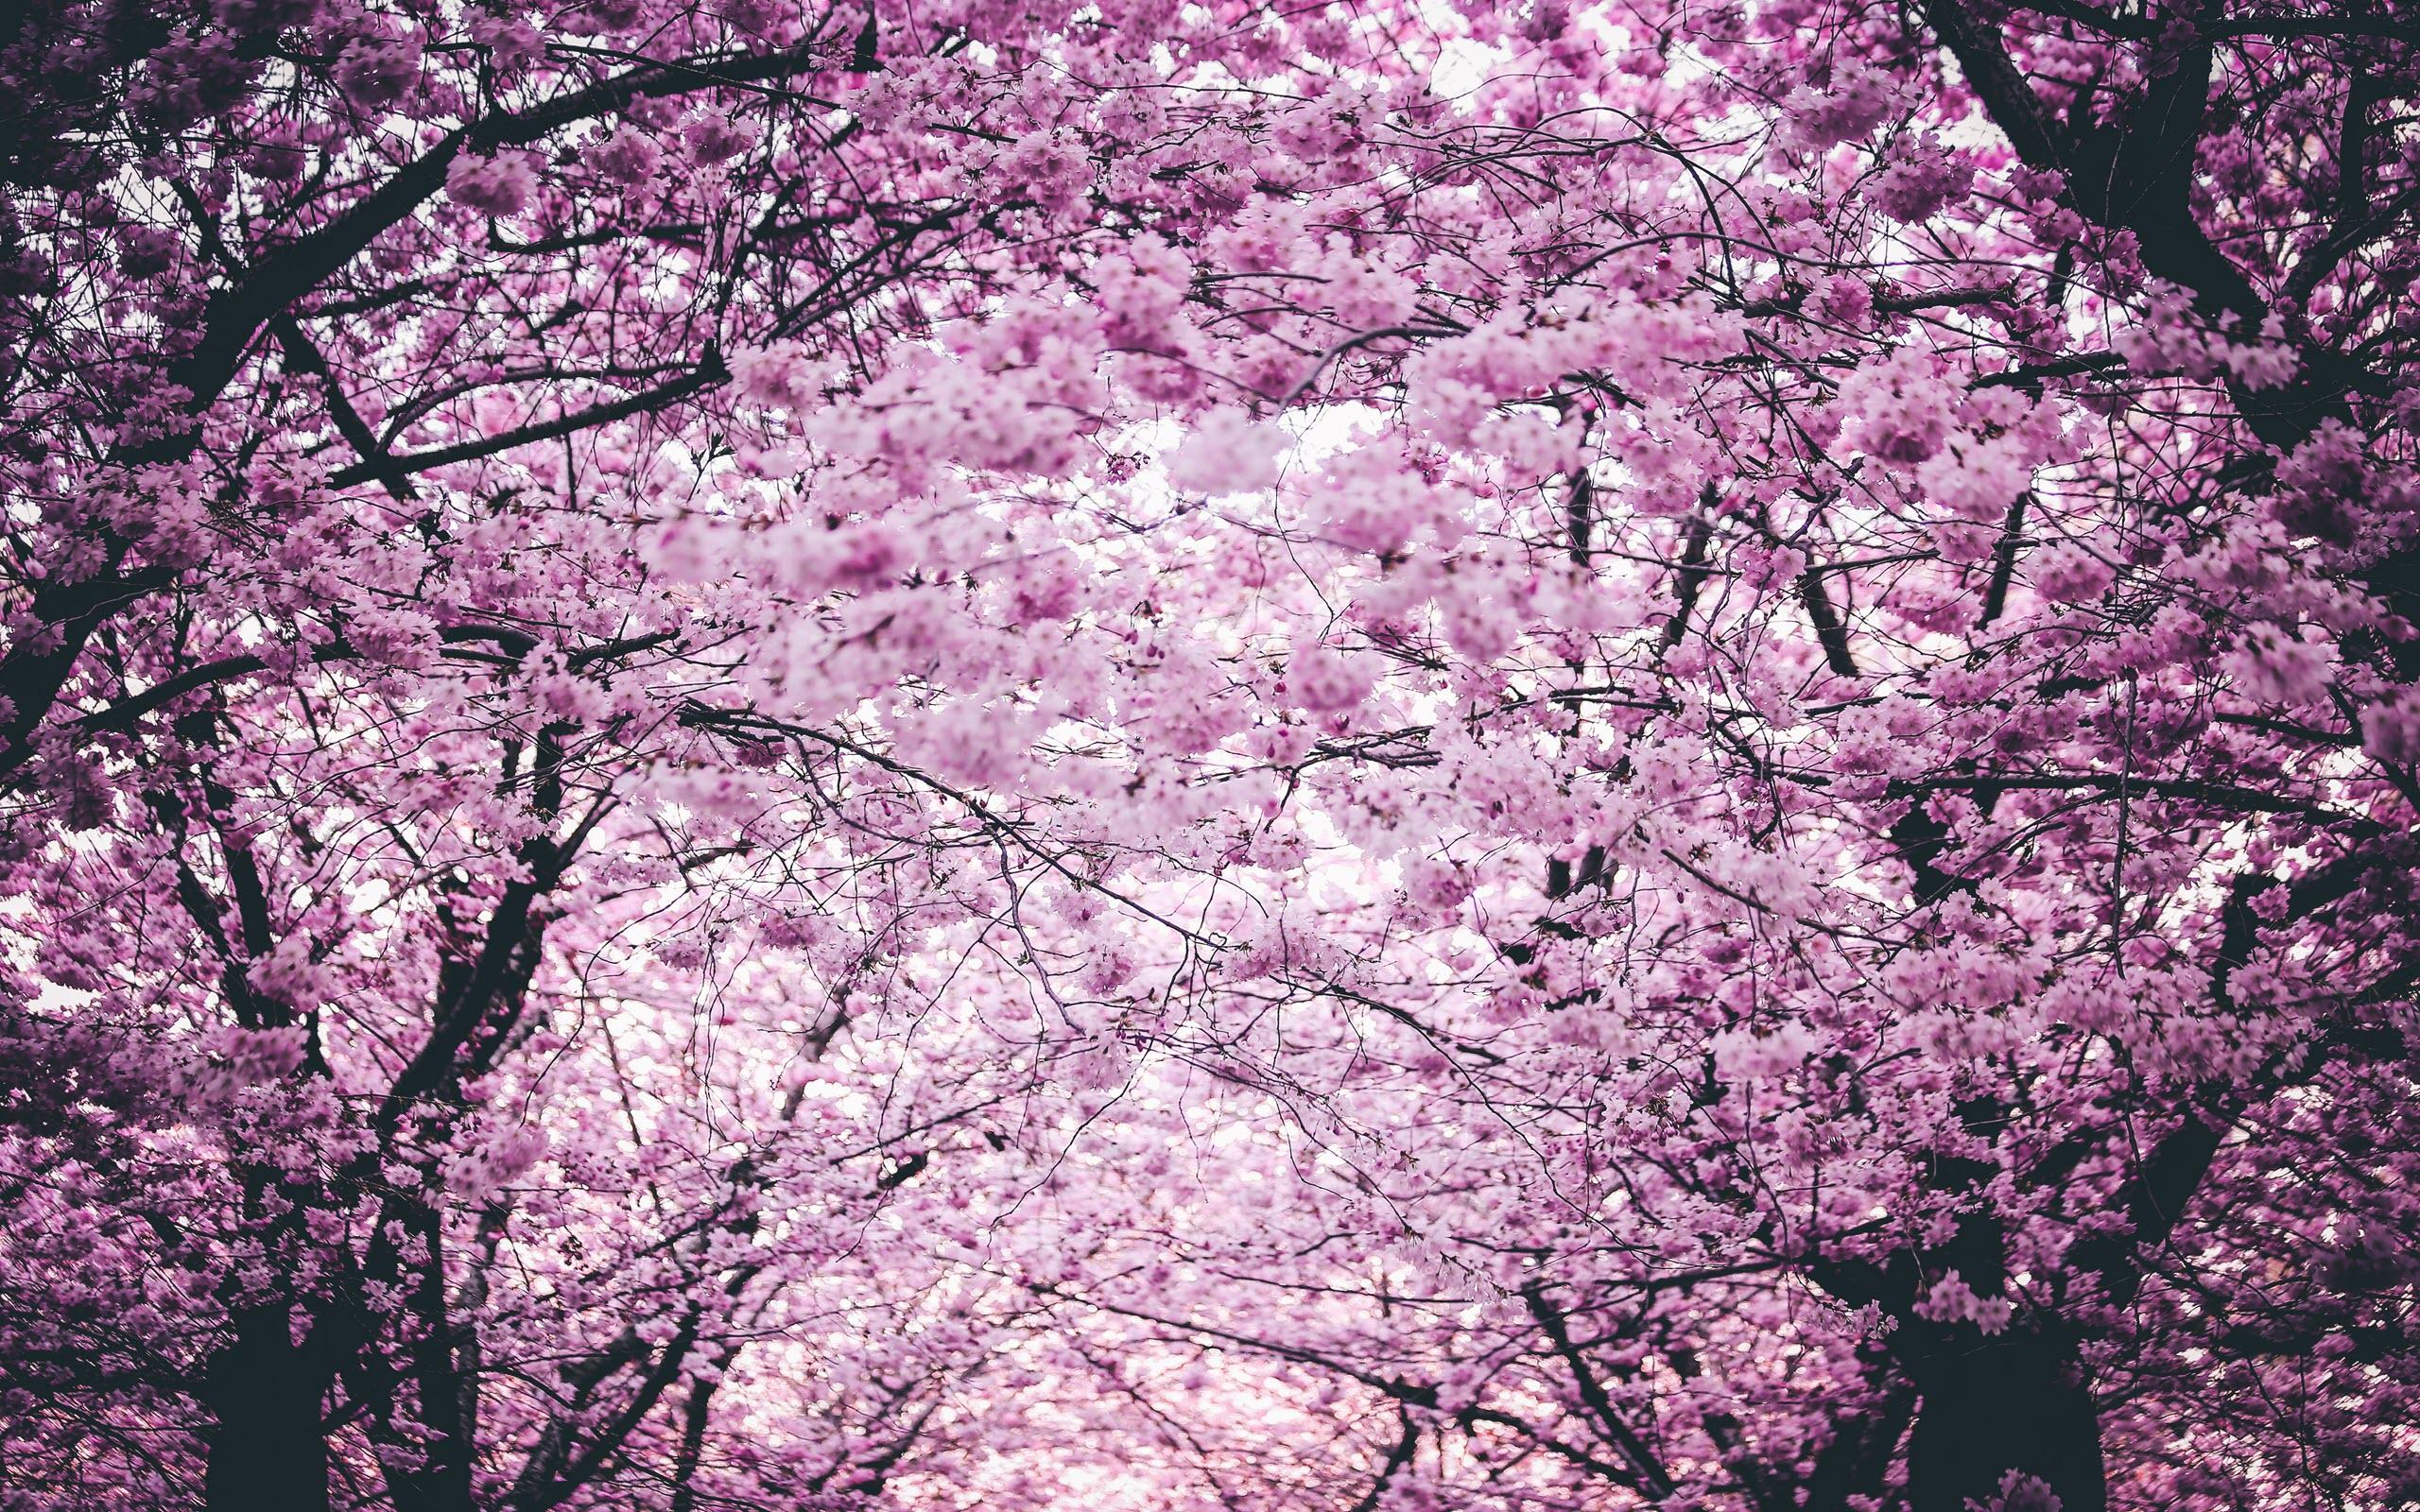 Hình nền vườn hoa anh đào mùa xuân